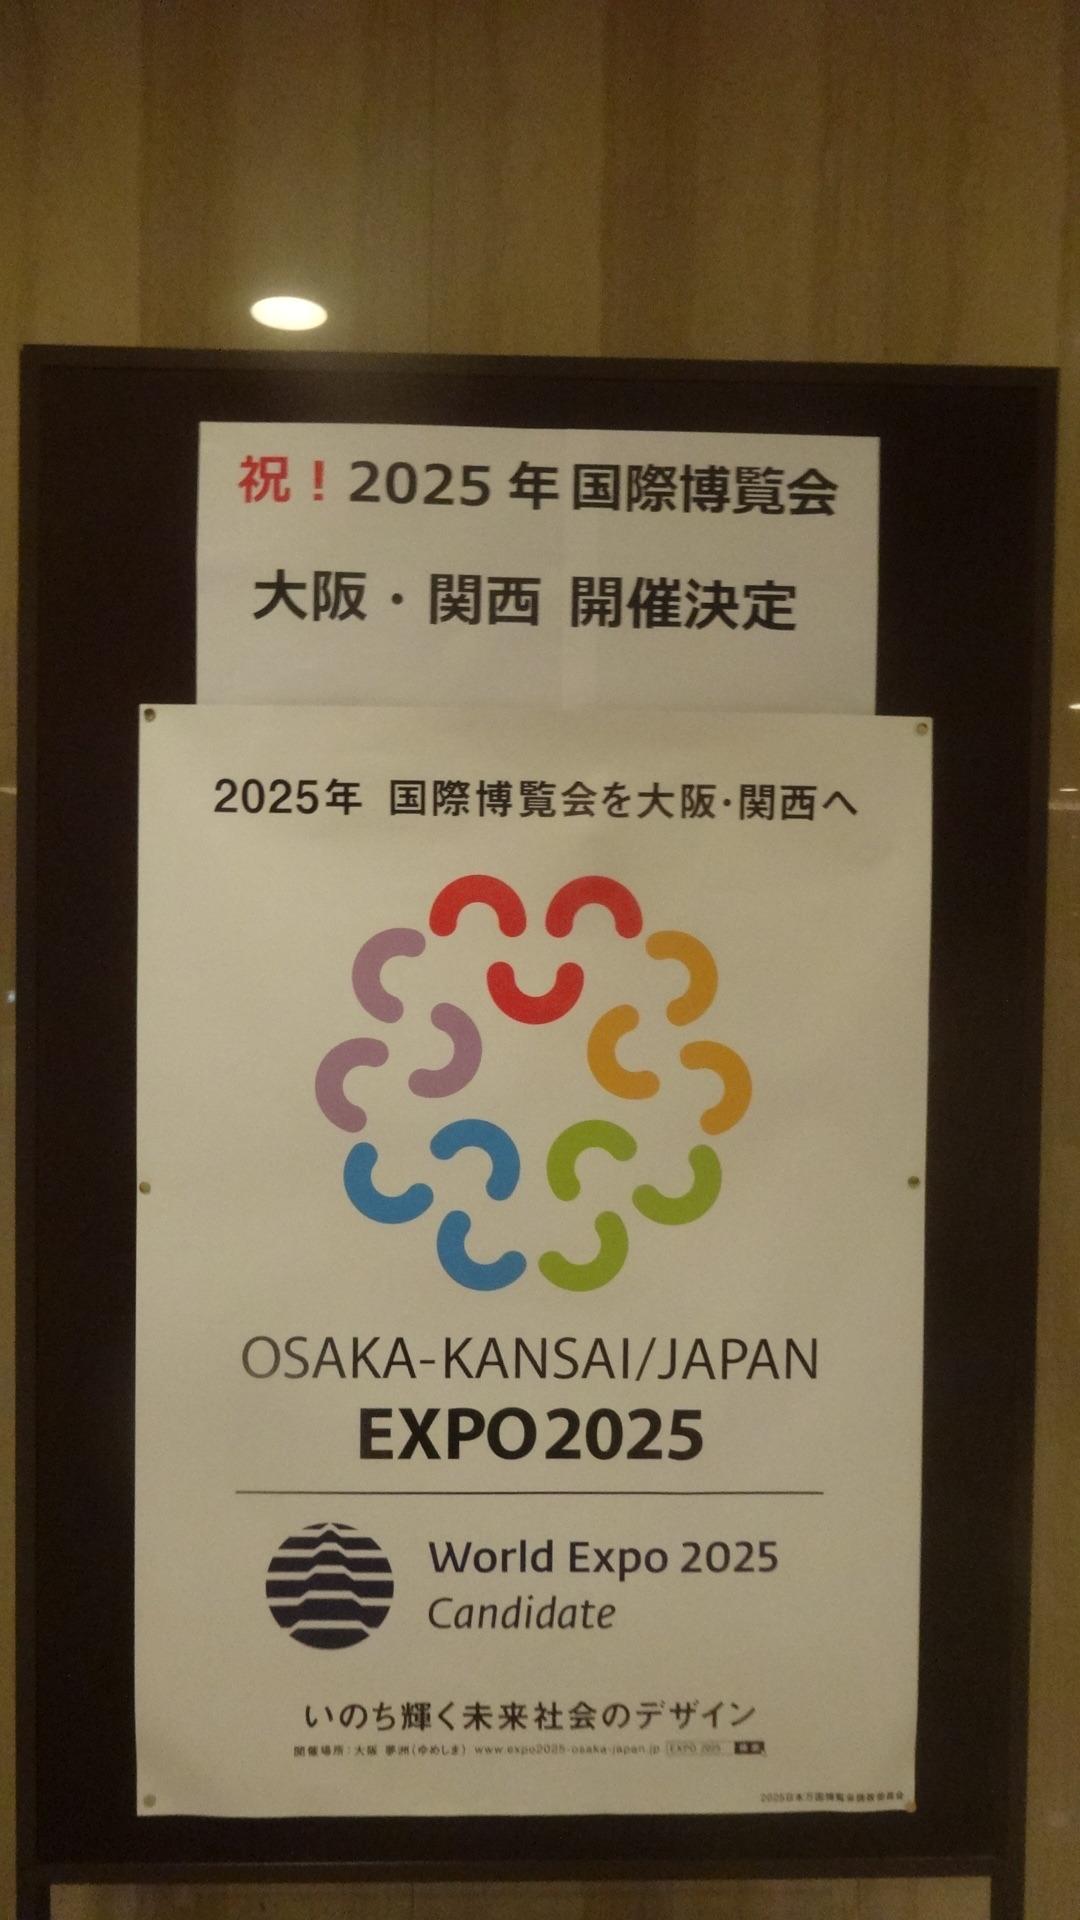 大阪万博開催決定を祝うポスター